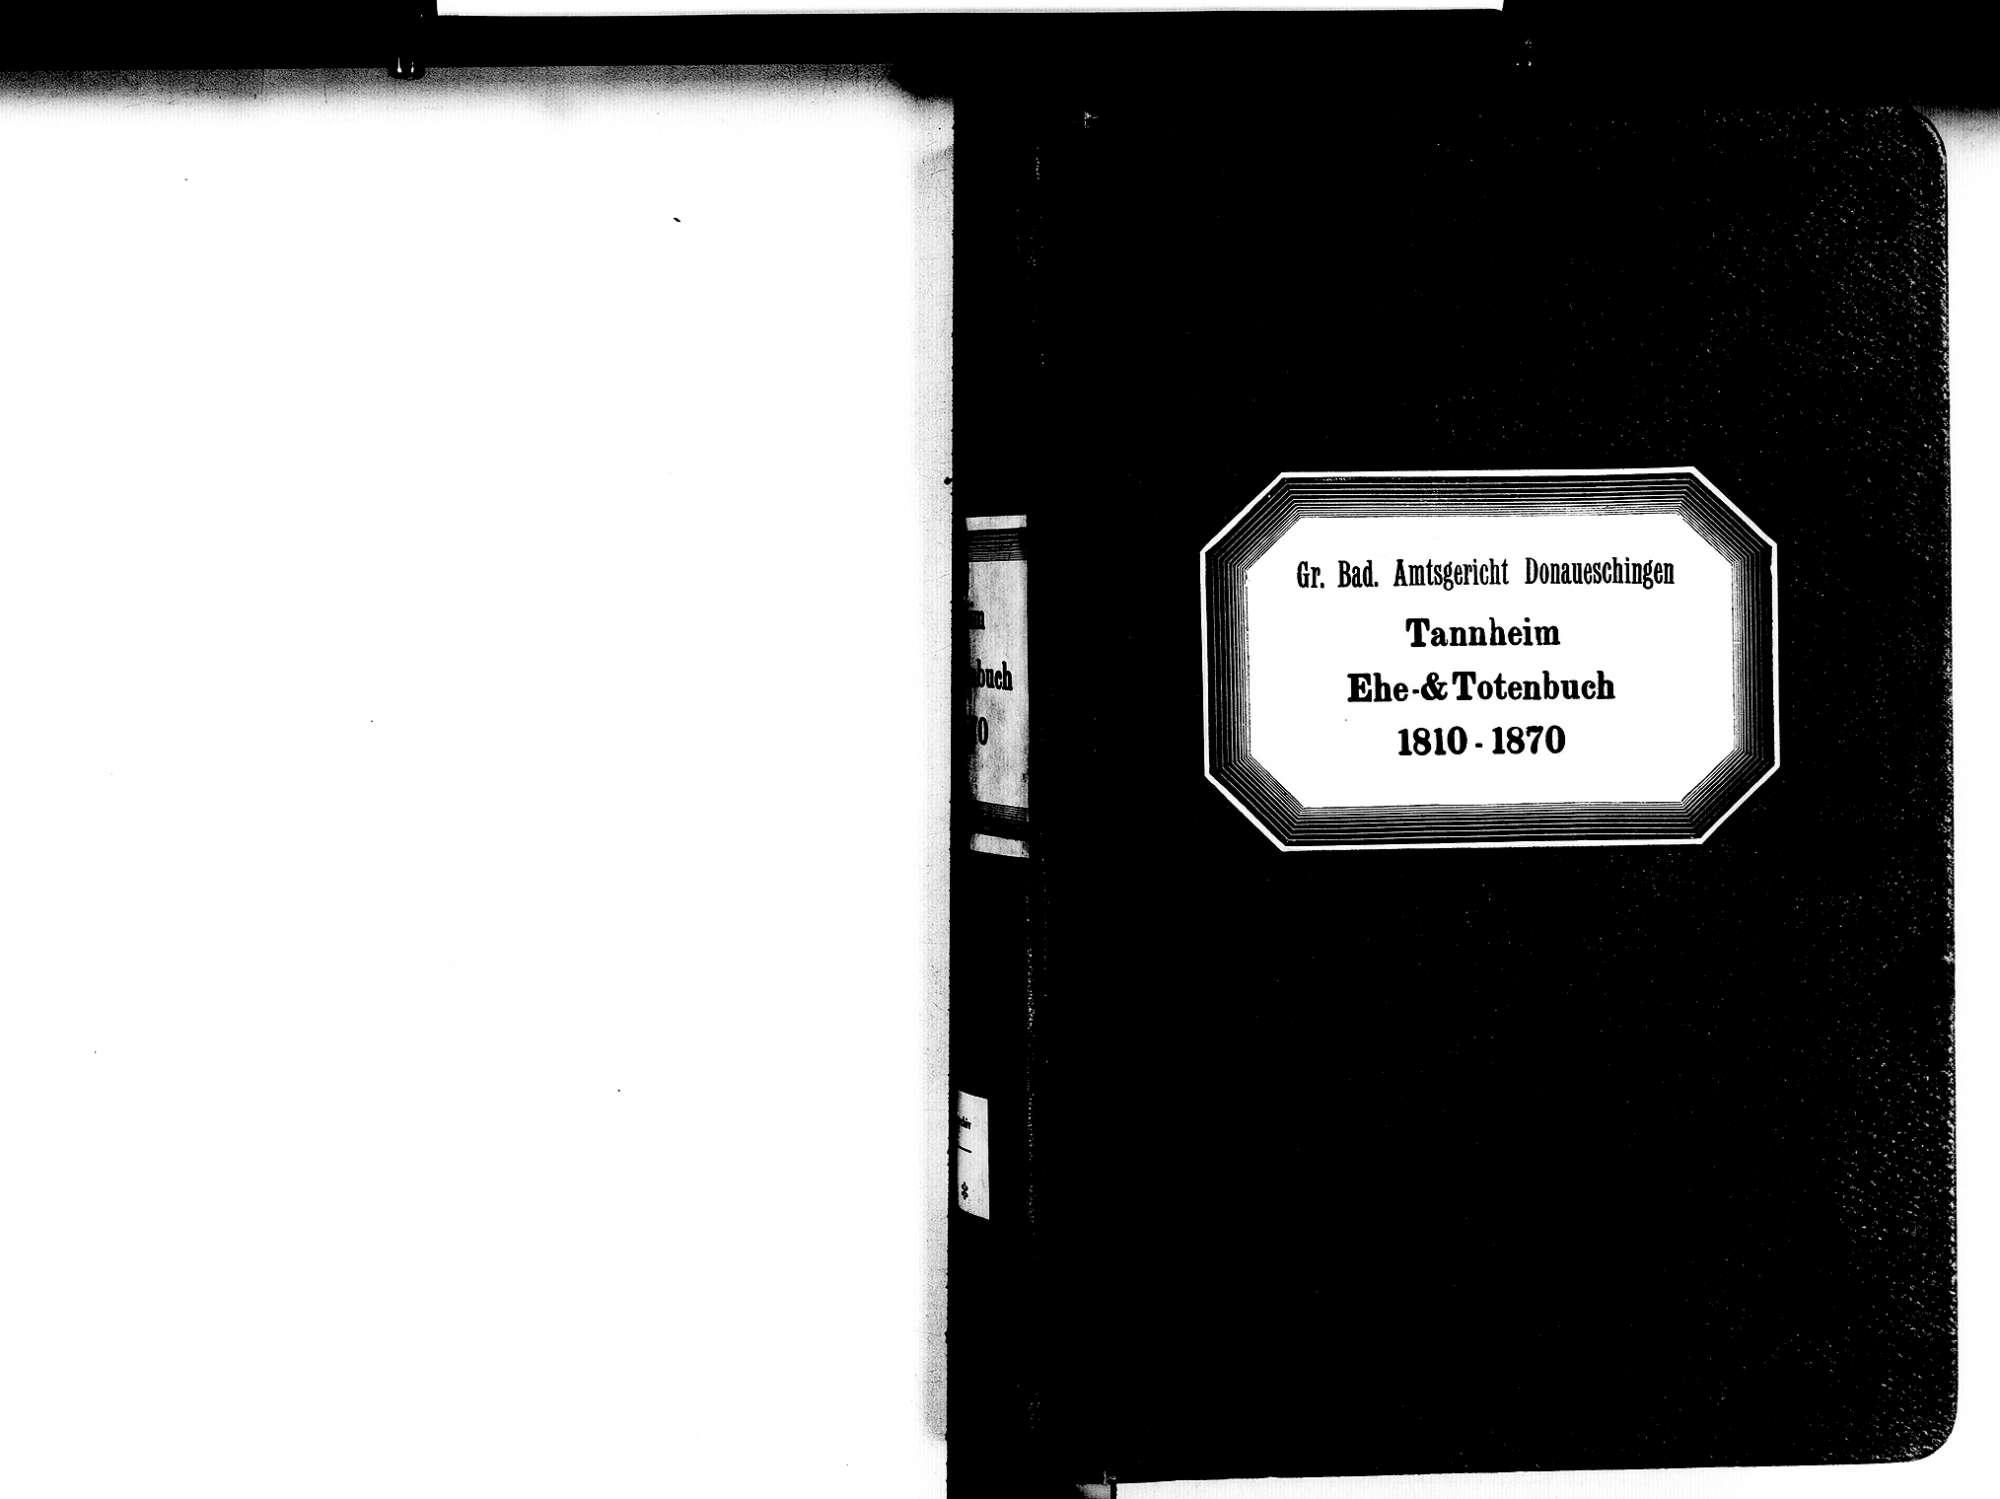 Tannheim, Villingen-Schwenningen VS; Katholische Gemeinde: Heiratsbuch 1810-1870 Tannheim, Villingen-Schwenningen VS; Katholische Gemeinde: Sterbebuch 1810-1870, Bild 2